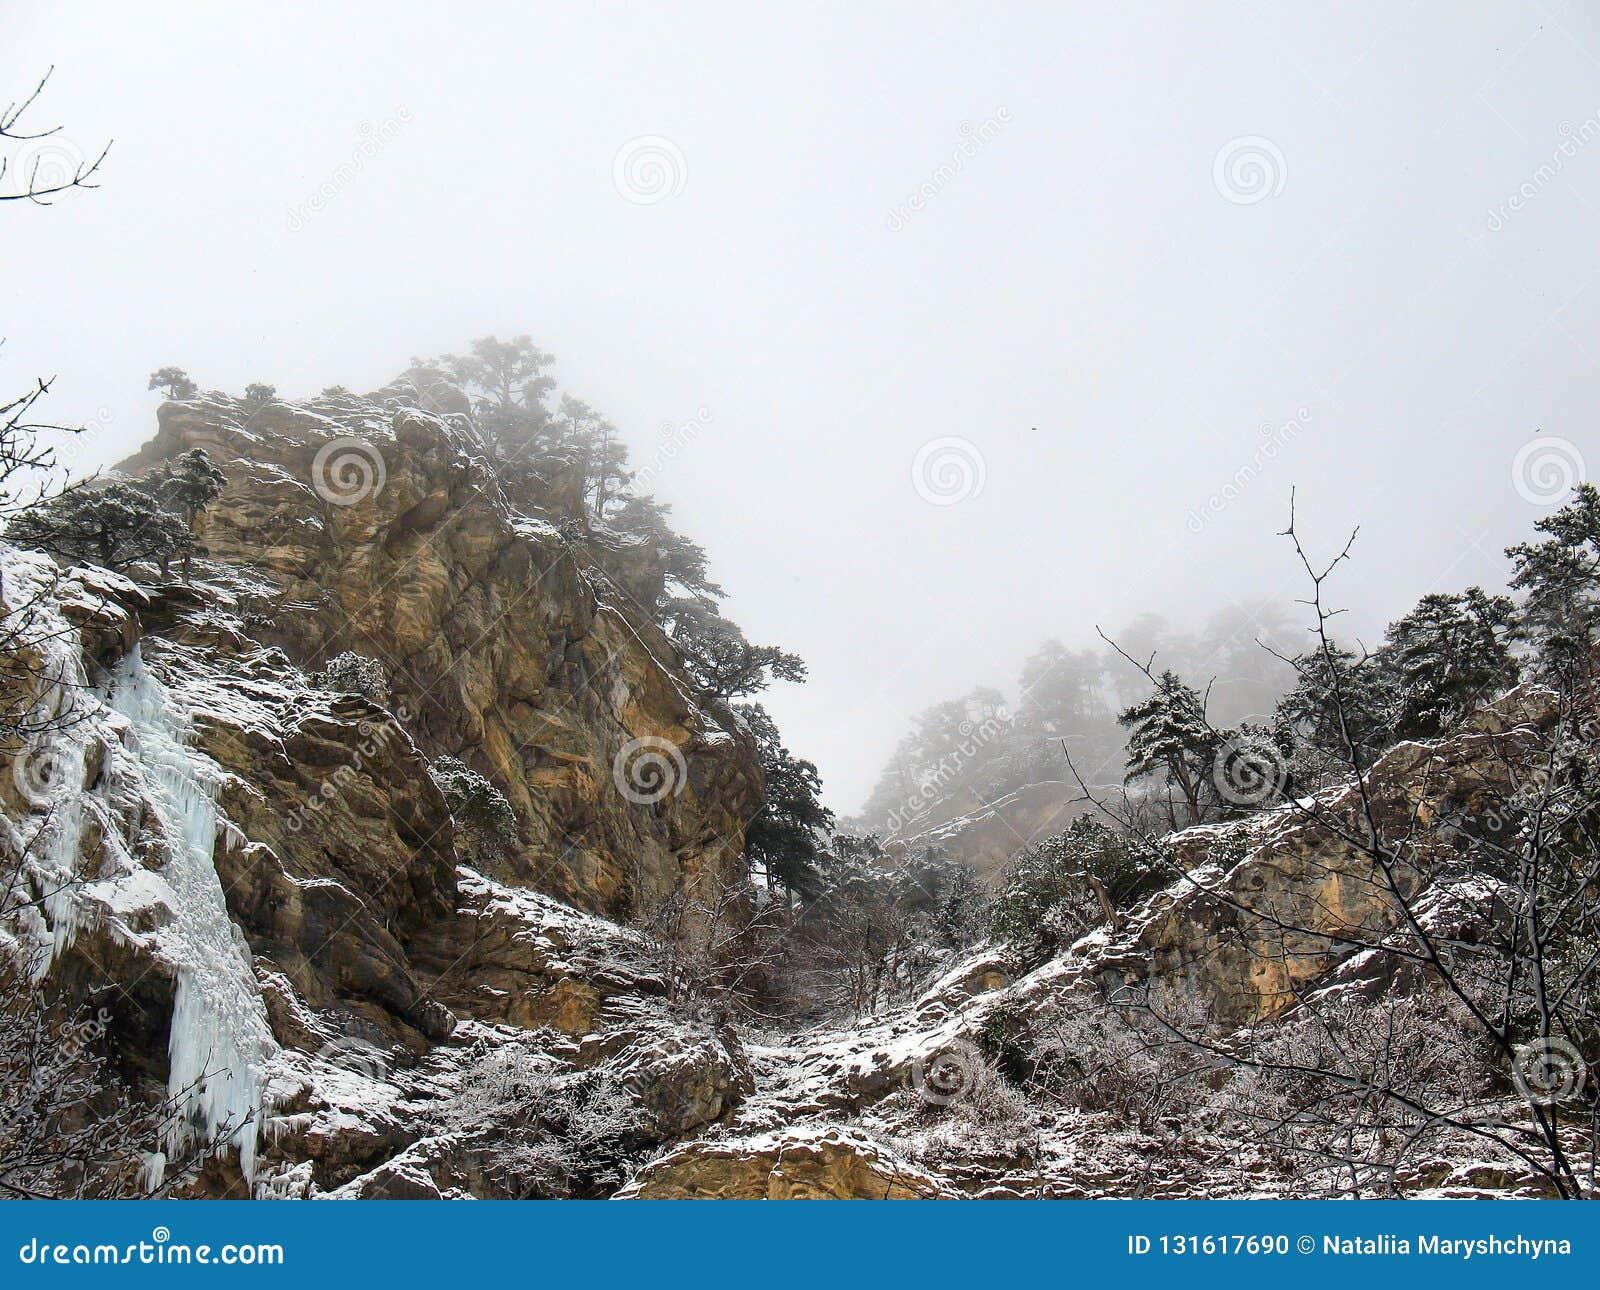 Nadzwyczajny pomarańczowy śnieg zakrywać skały wodospad mrożone Spadać kaskadą góry z drzewami chuje w mgle